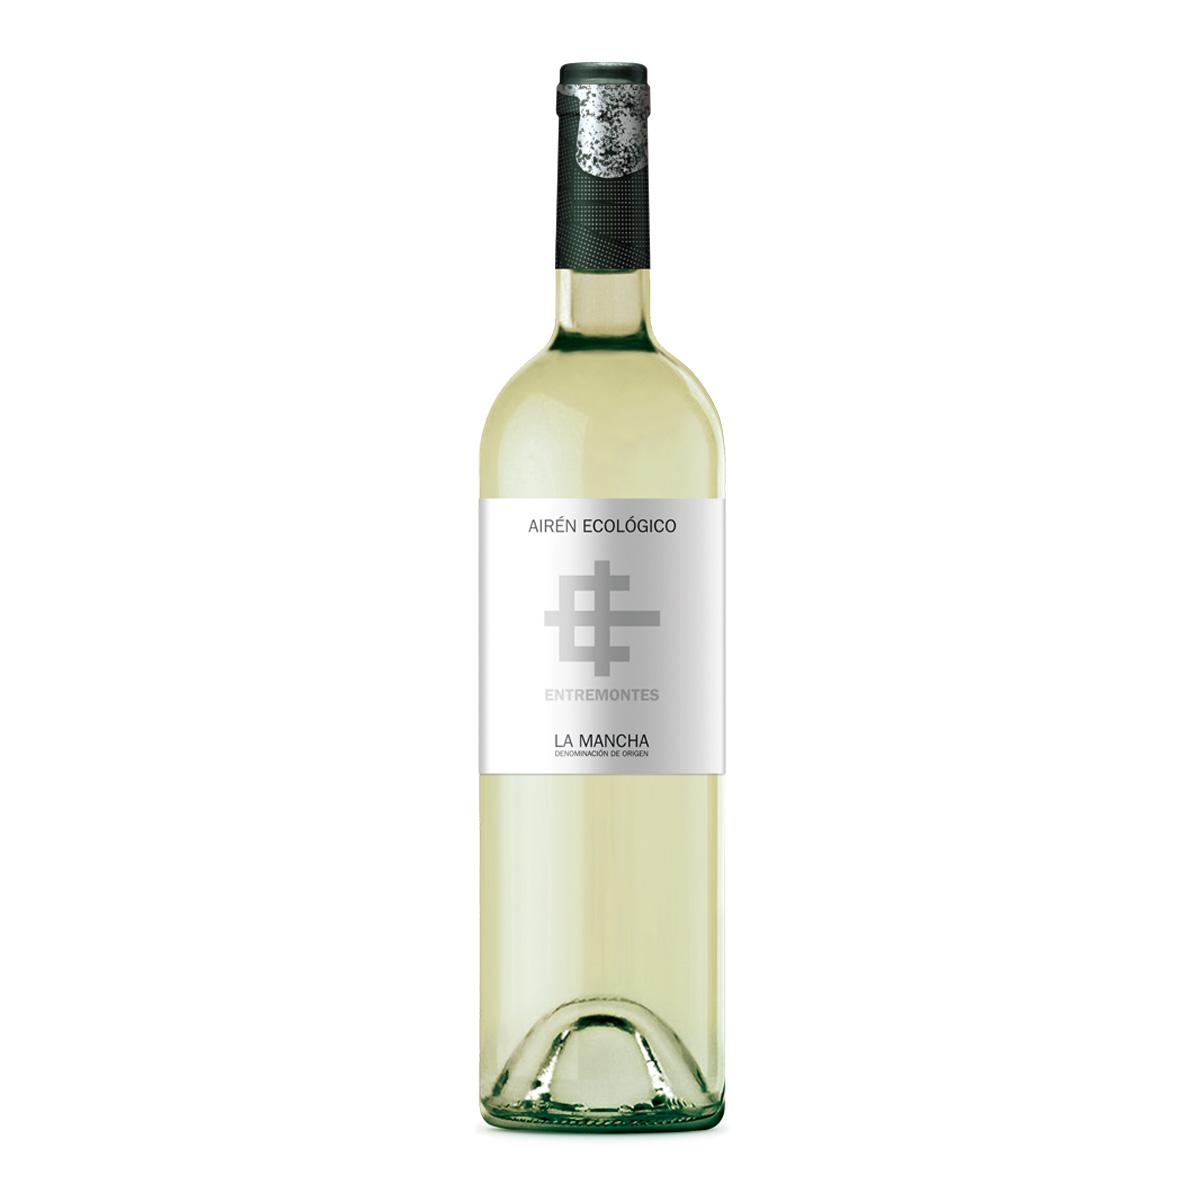 西班牙ENTREMONTES有机爱人干白葡萄酒